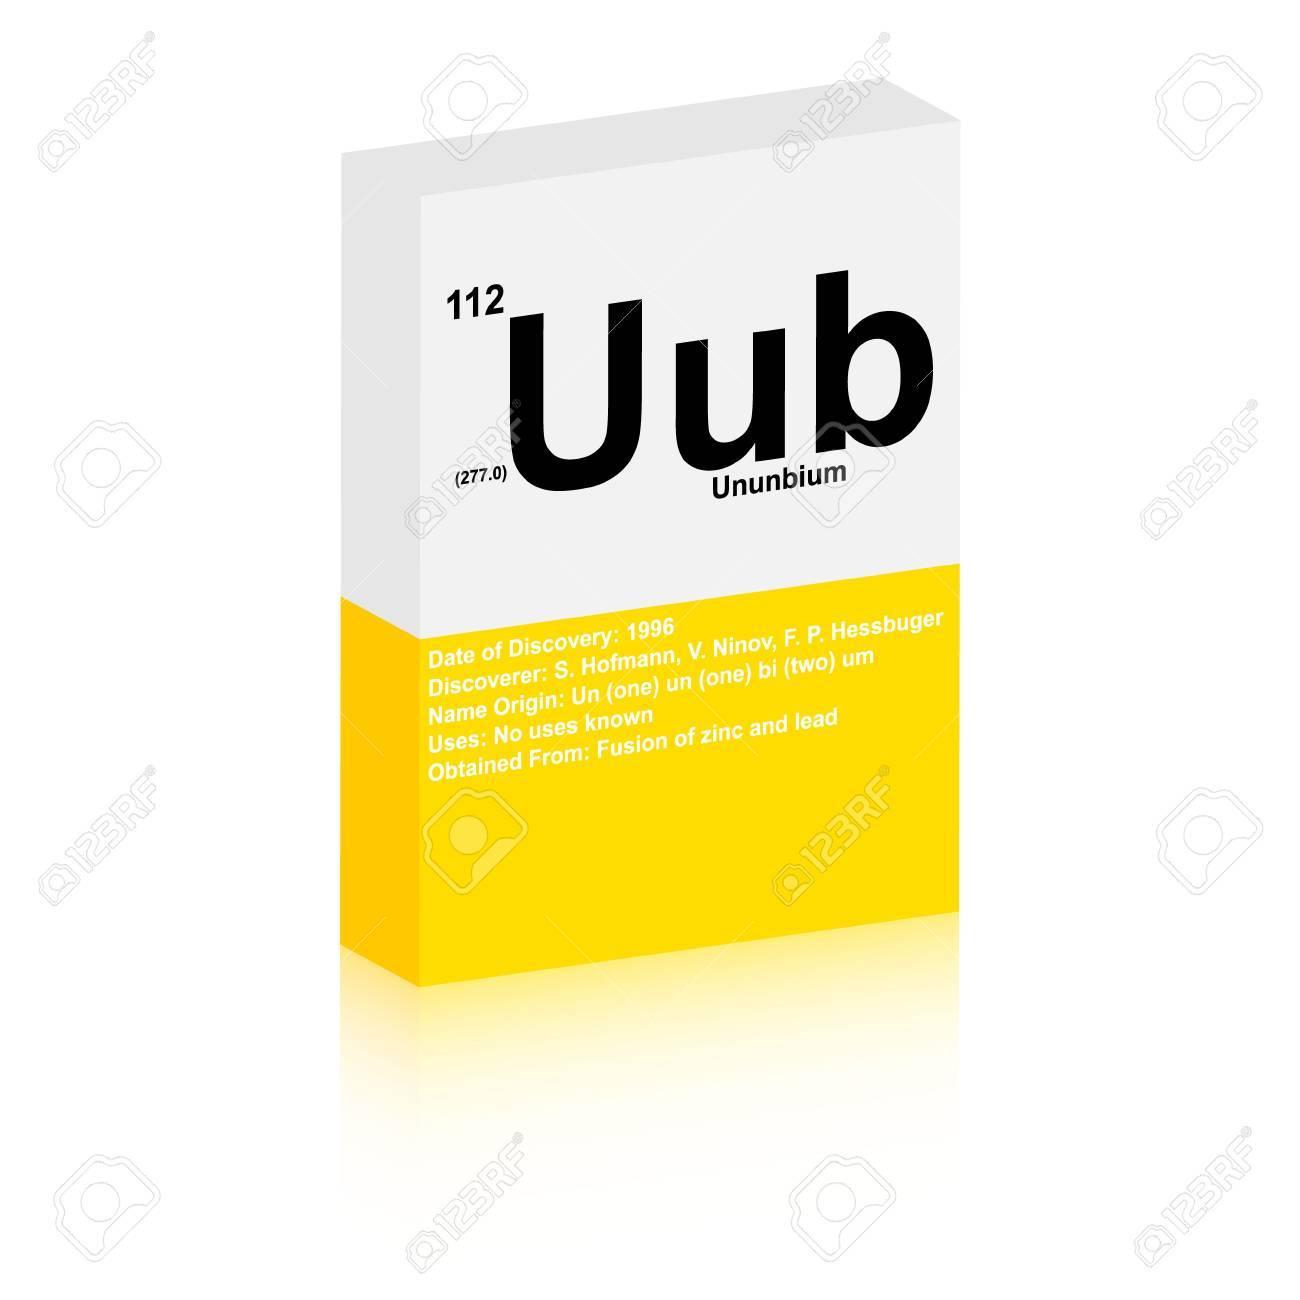 Ununbium symbol royalty free cliparts vectors and stock ununbium symbol stock vector 13345184 buycottarizona Gallery